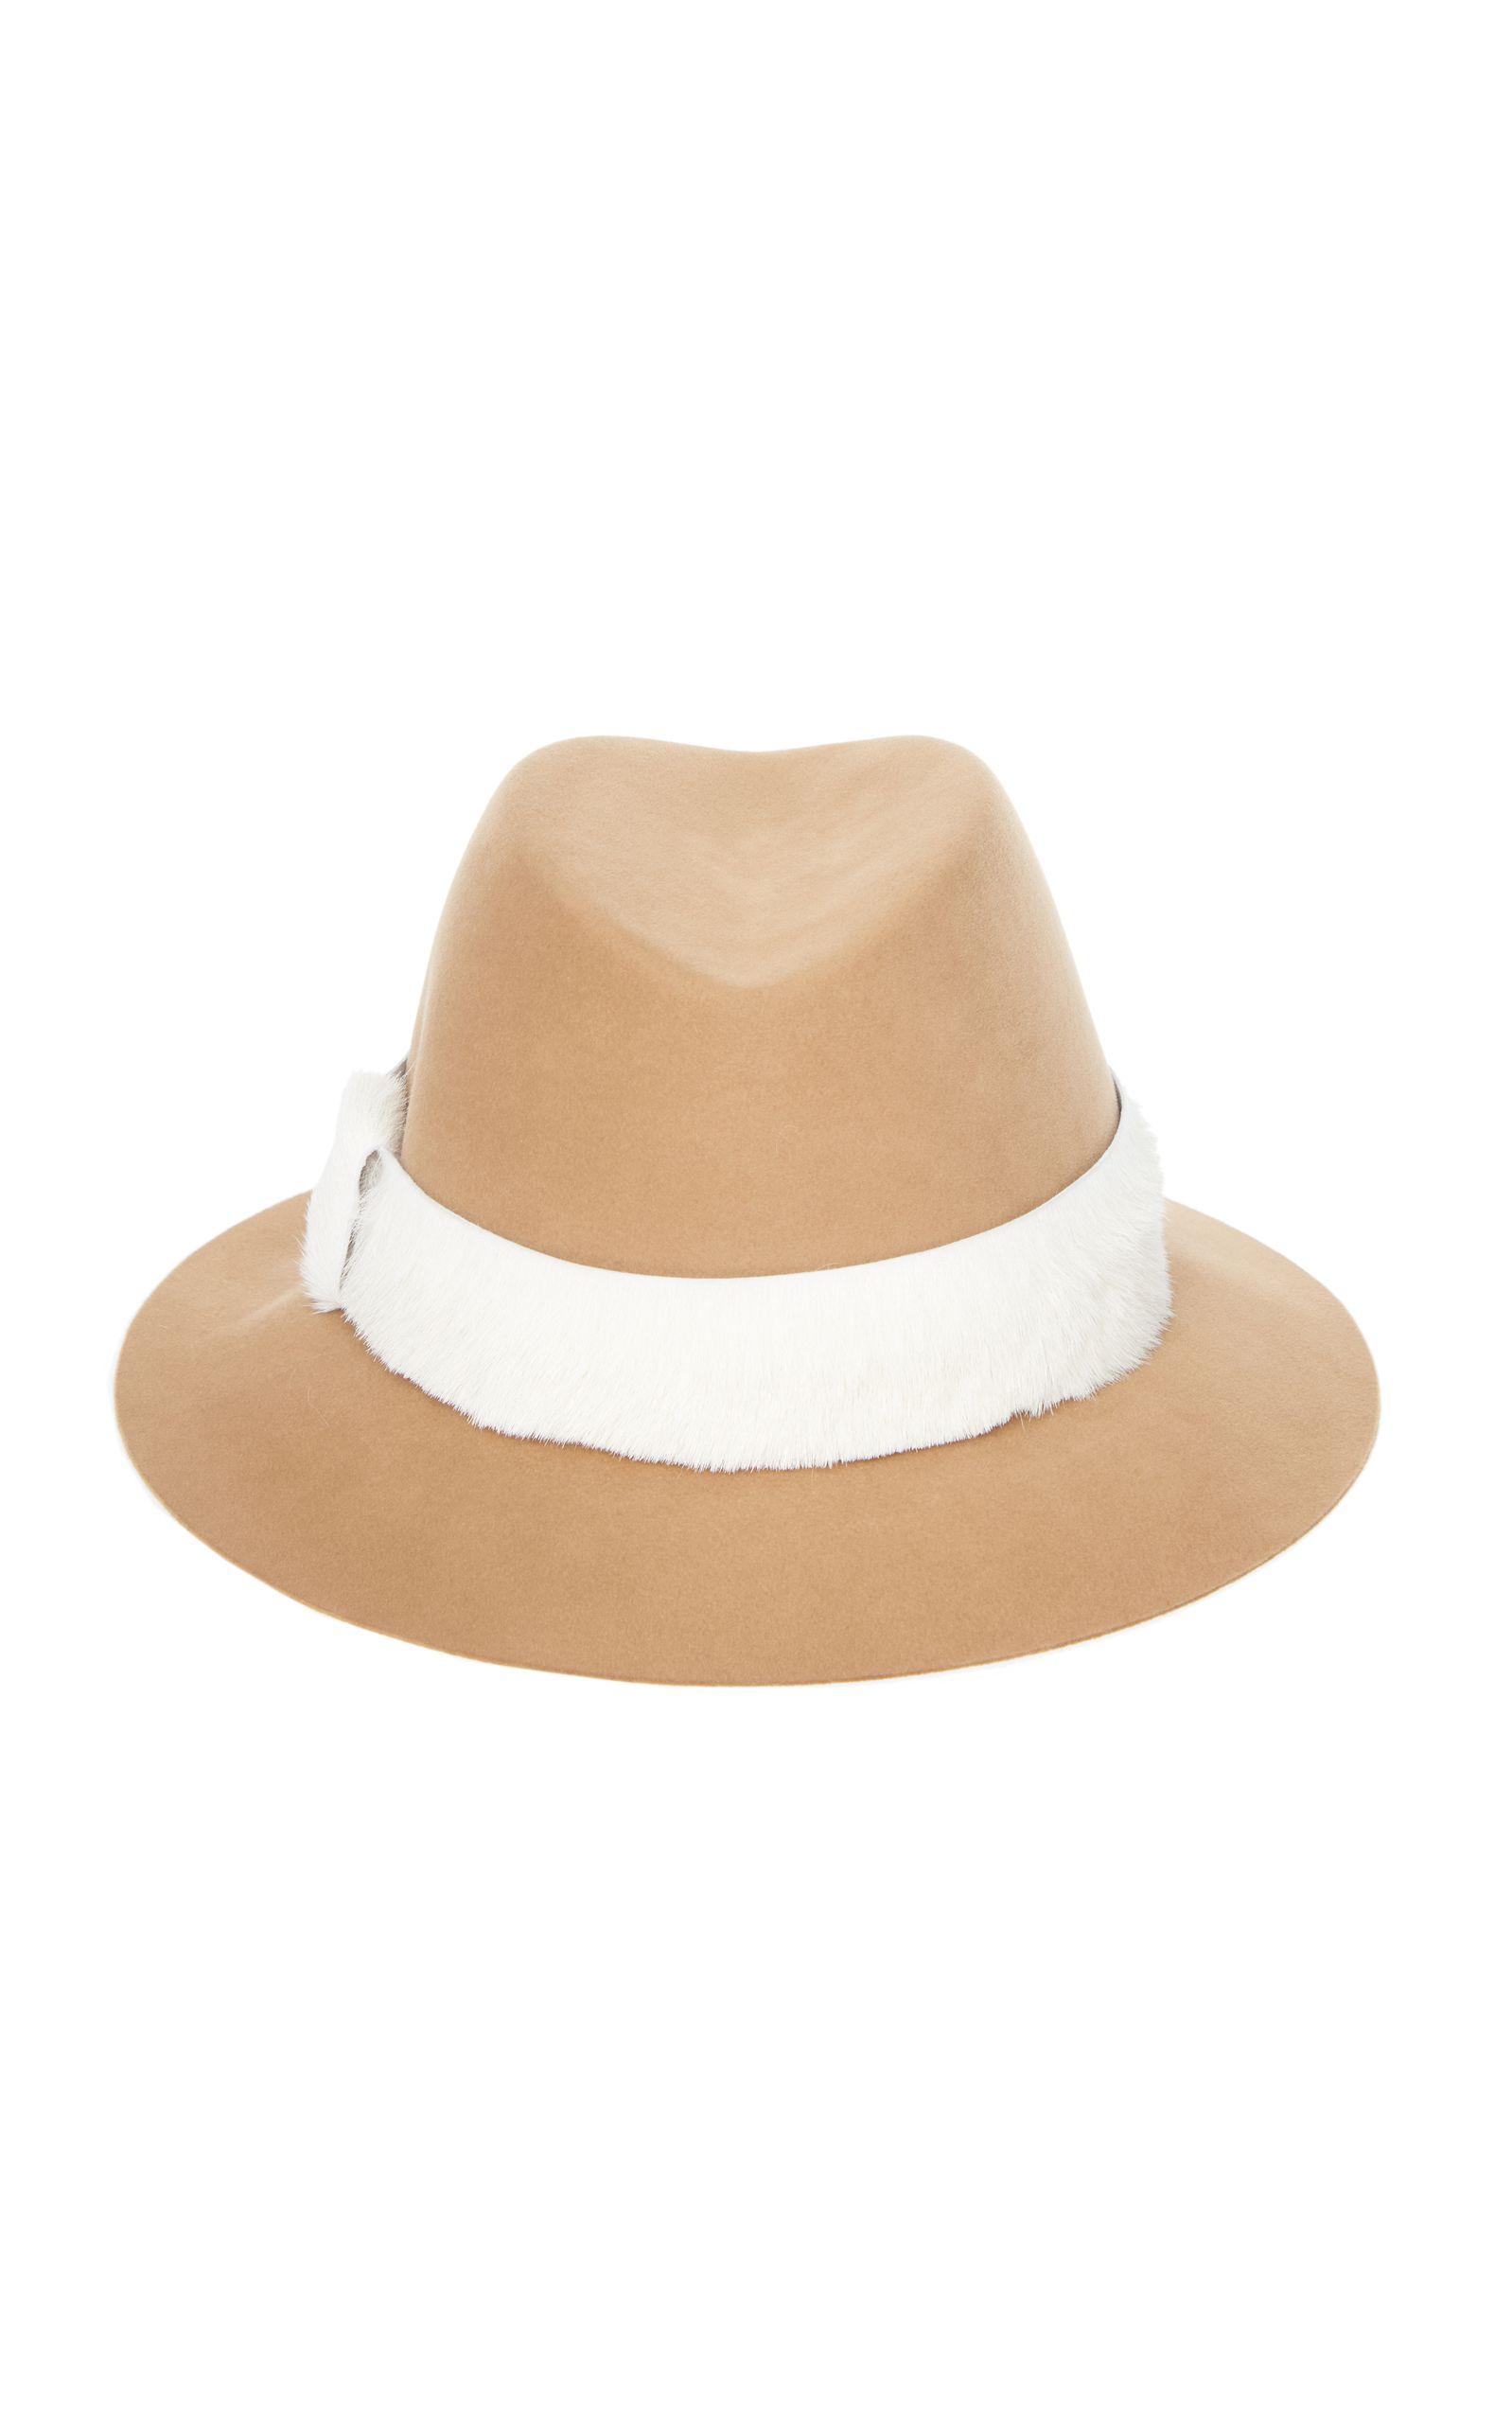 590760b9f43 AGNONA BEAVER HAT.  agnona